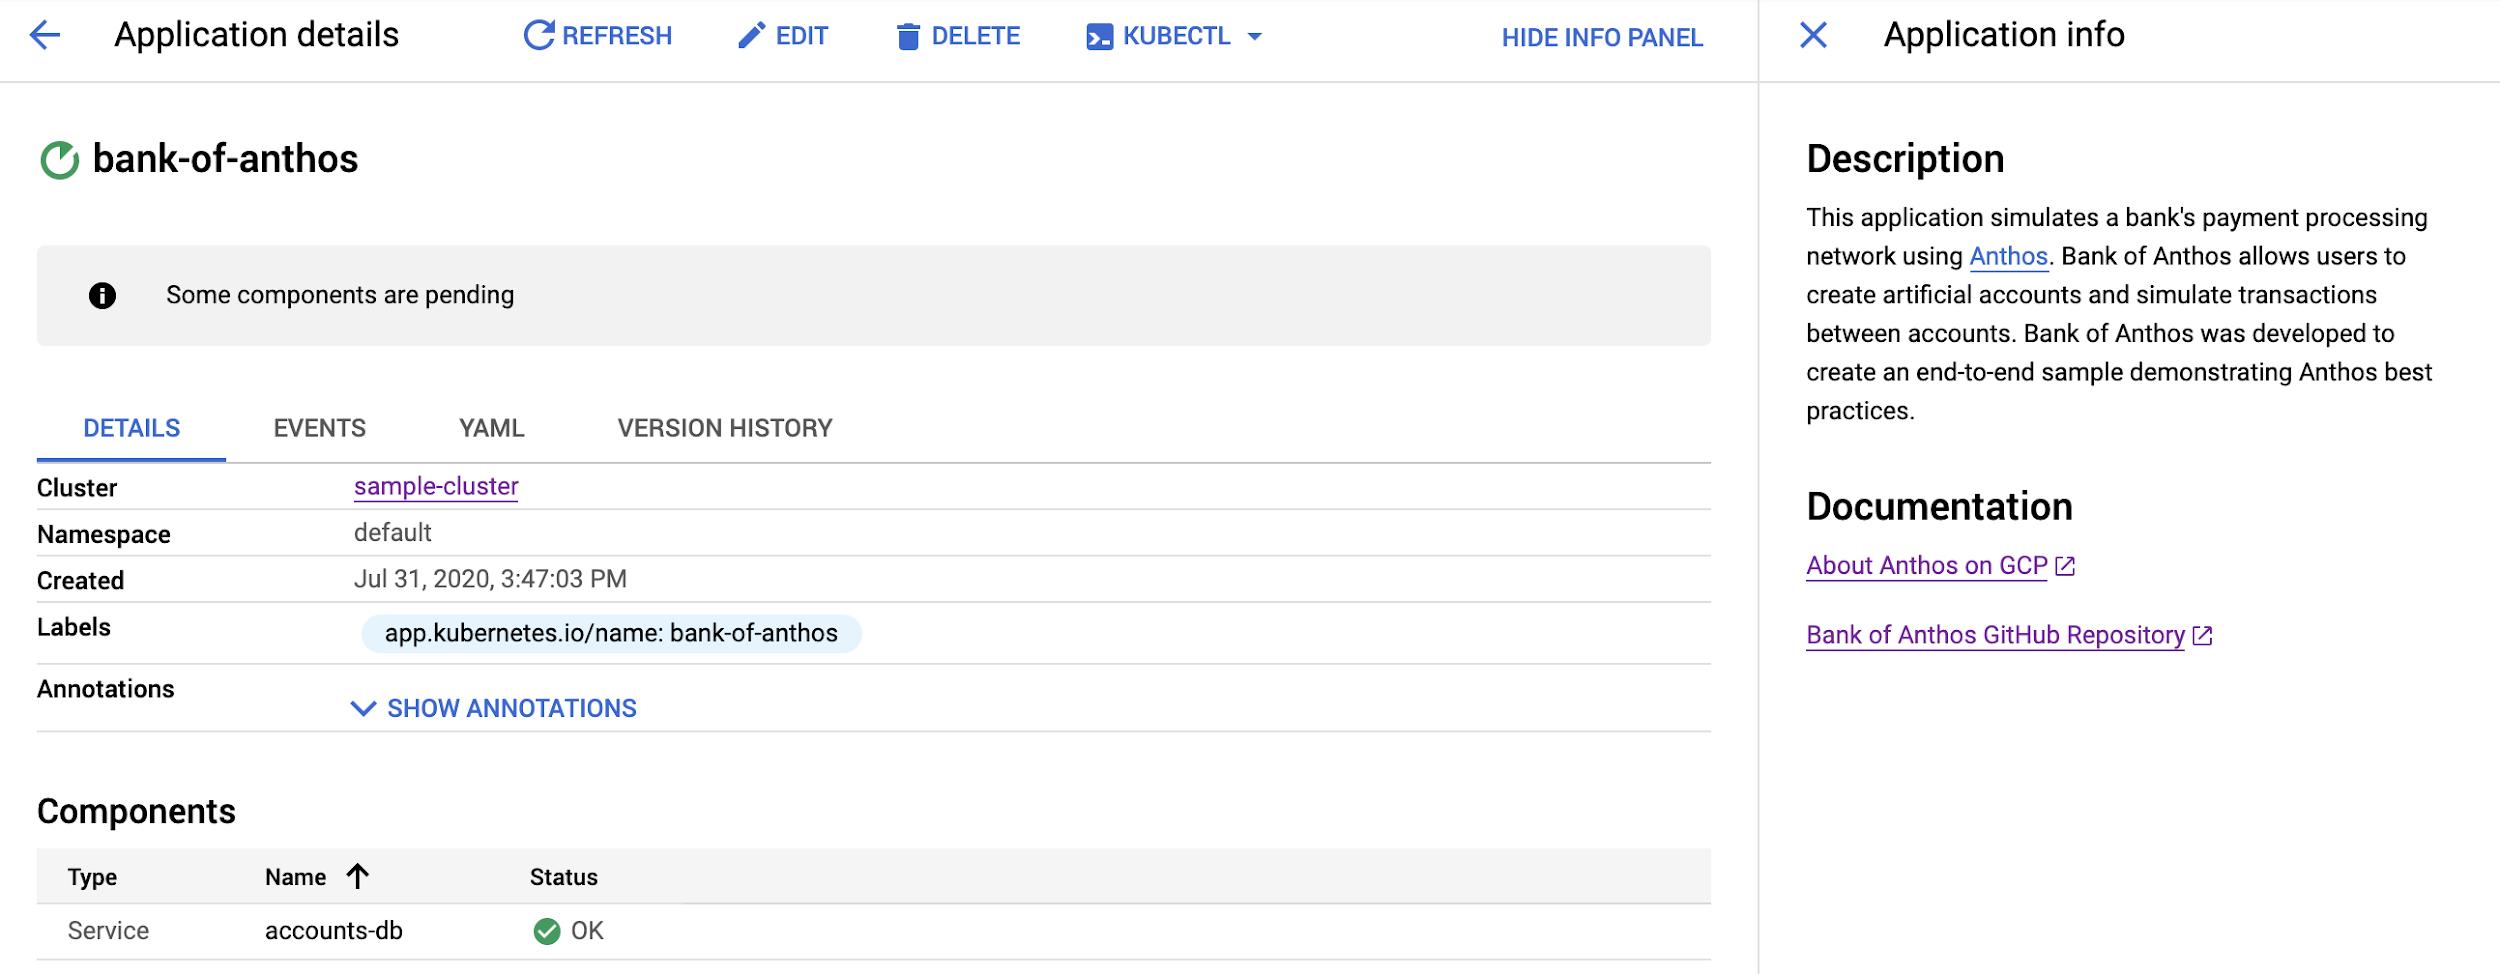 リスト内のドキュメントはハイパーリンクとしてフォーマットされます。